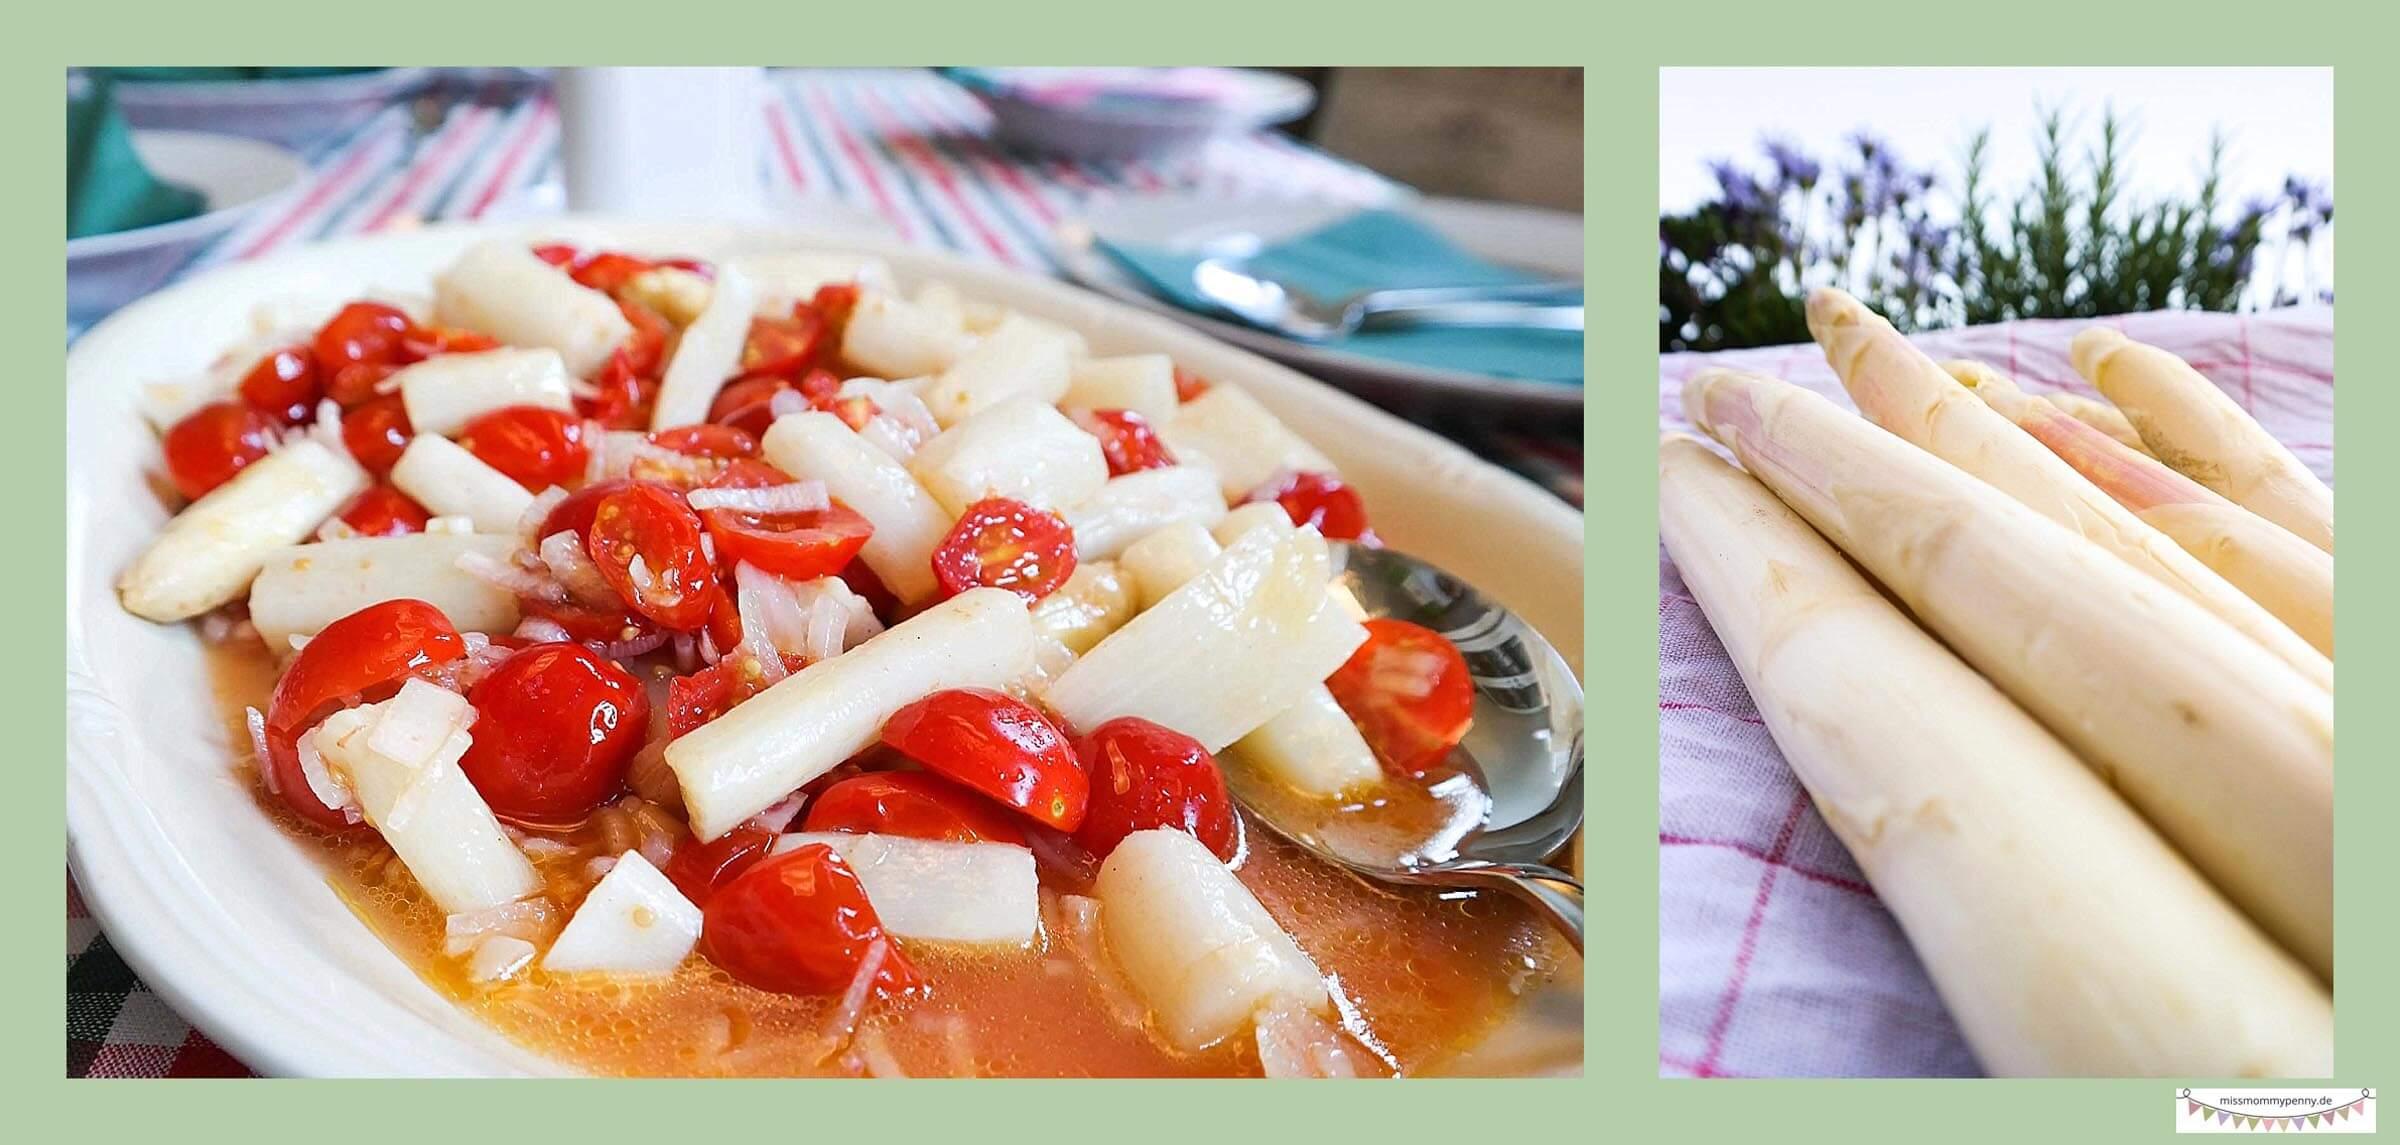 Tomaten-Spargel-Salat